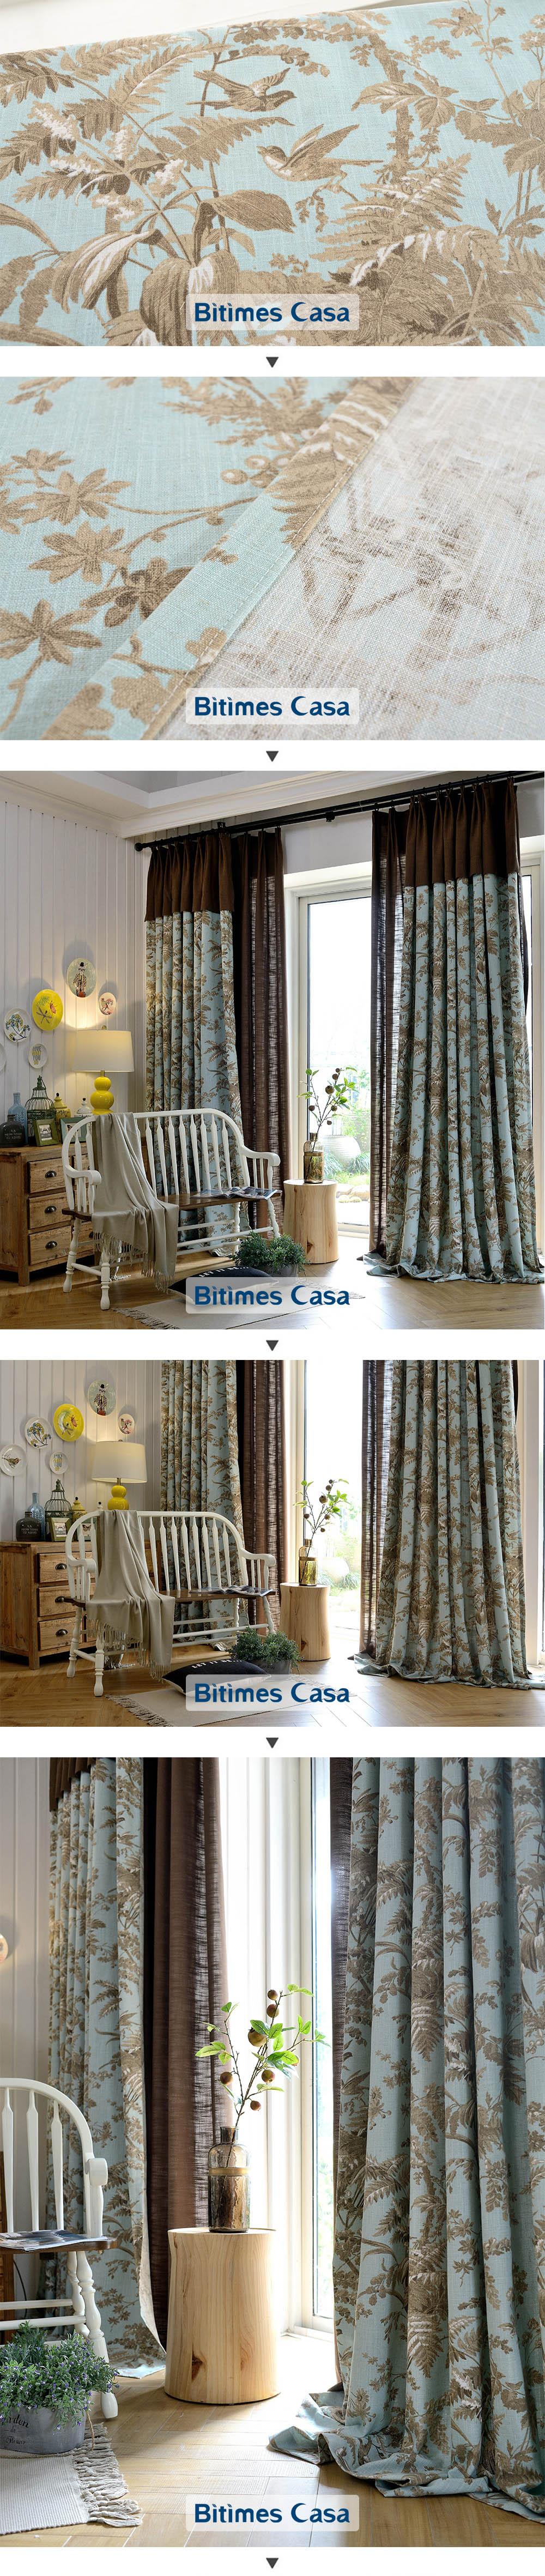 curtain1-2-2